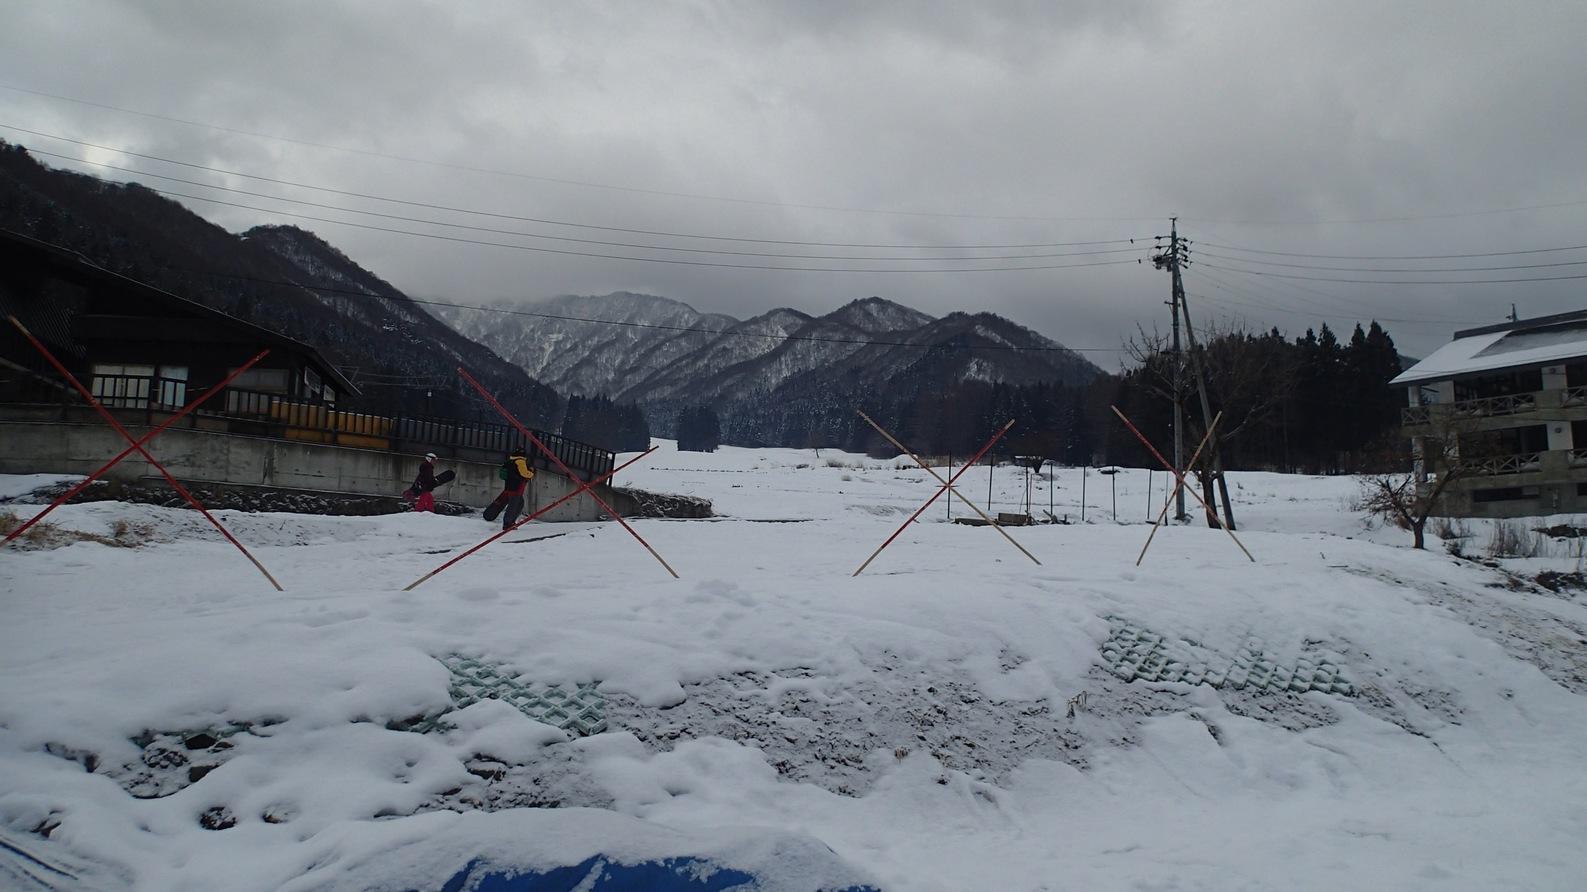 2016-01-16_雪の無い柄沢